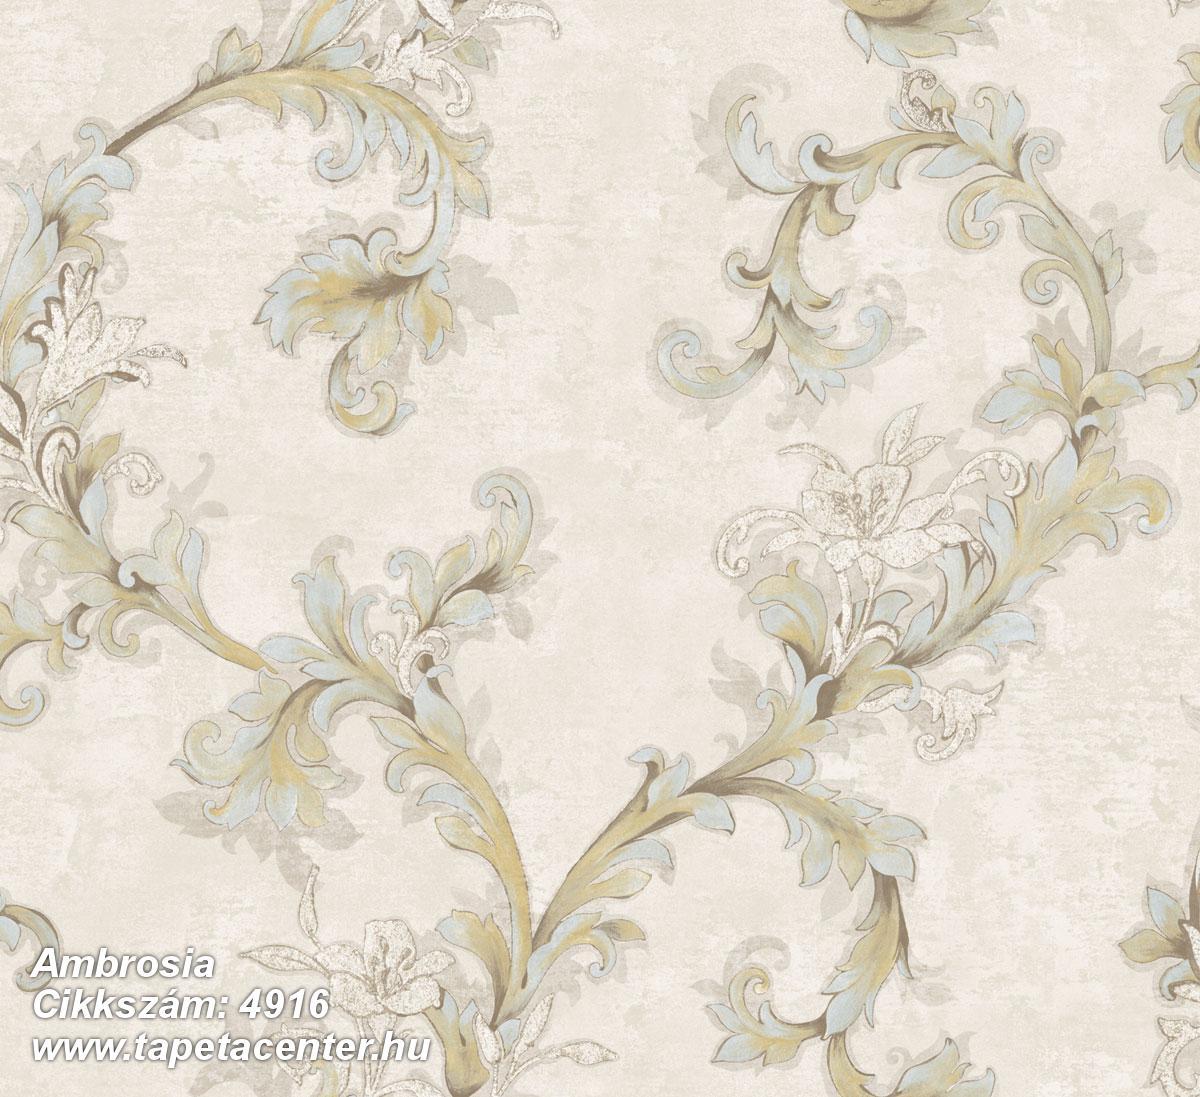 Ambrosia - 4916 Olasz tapéta